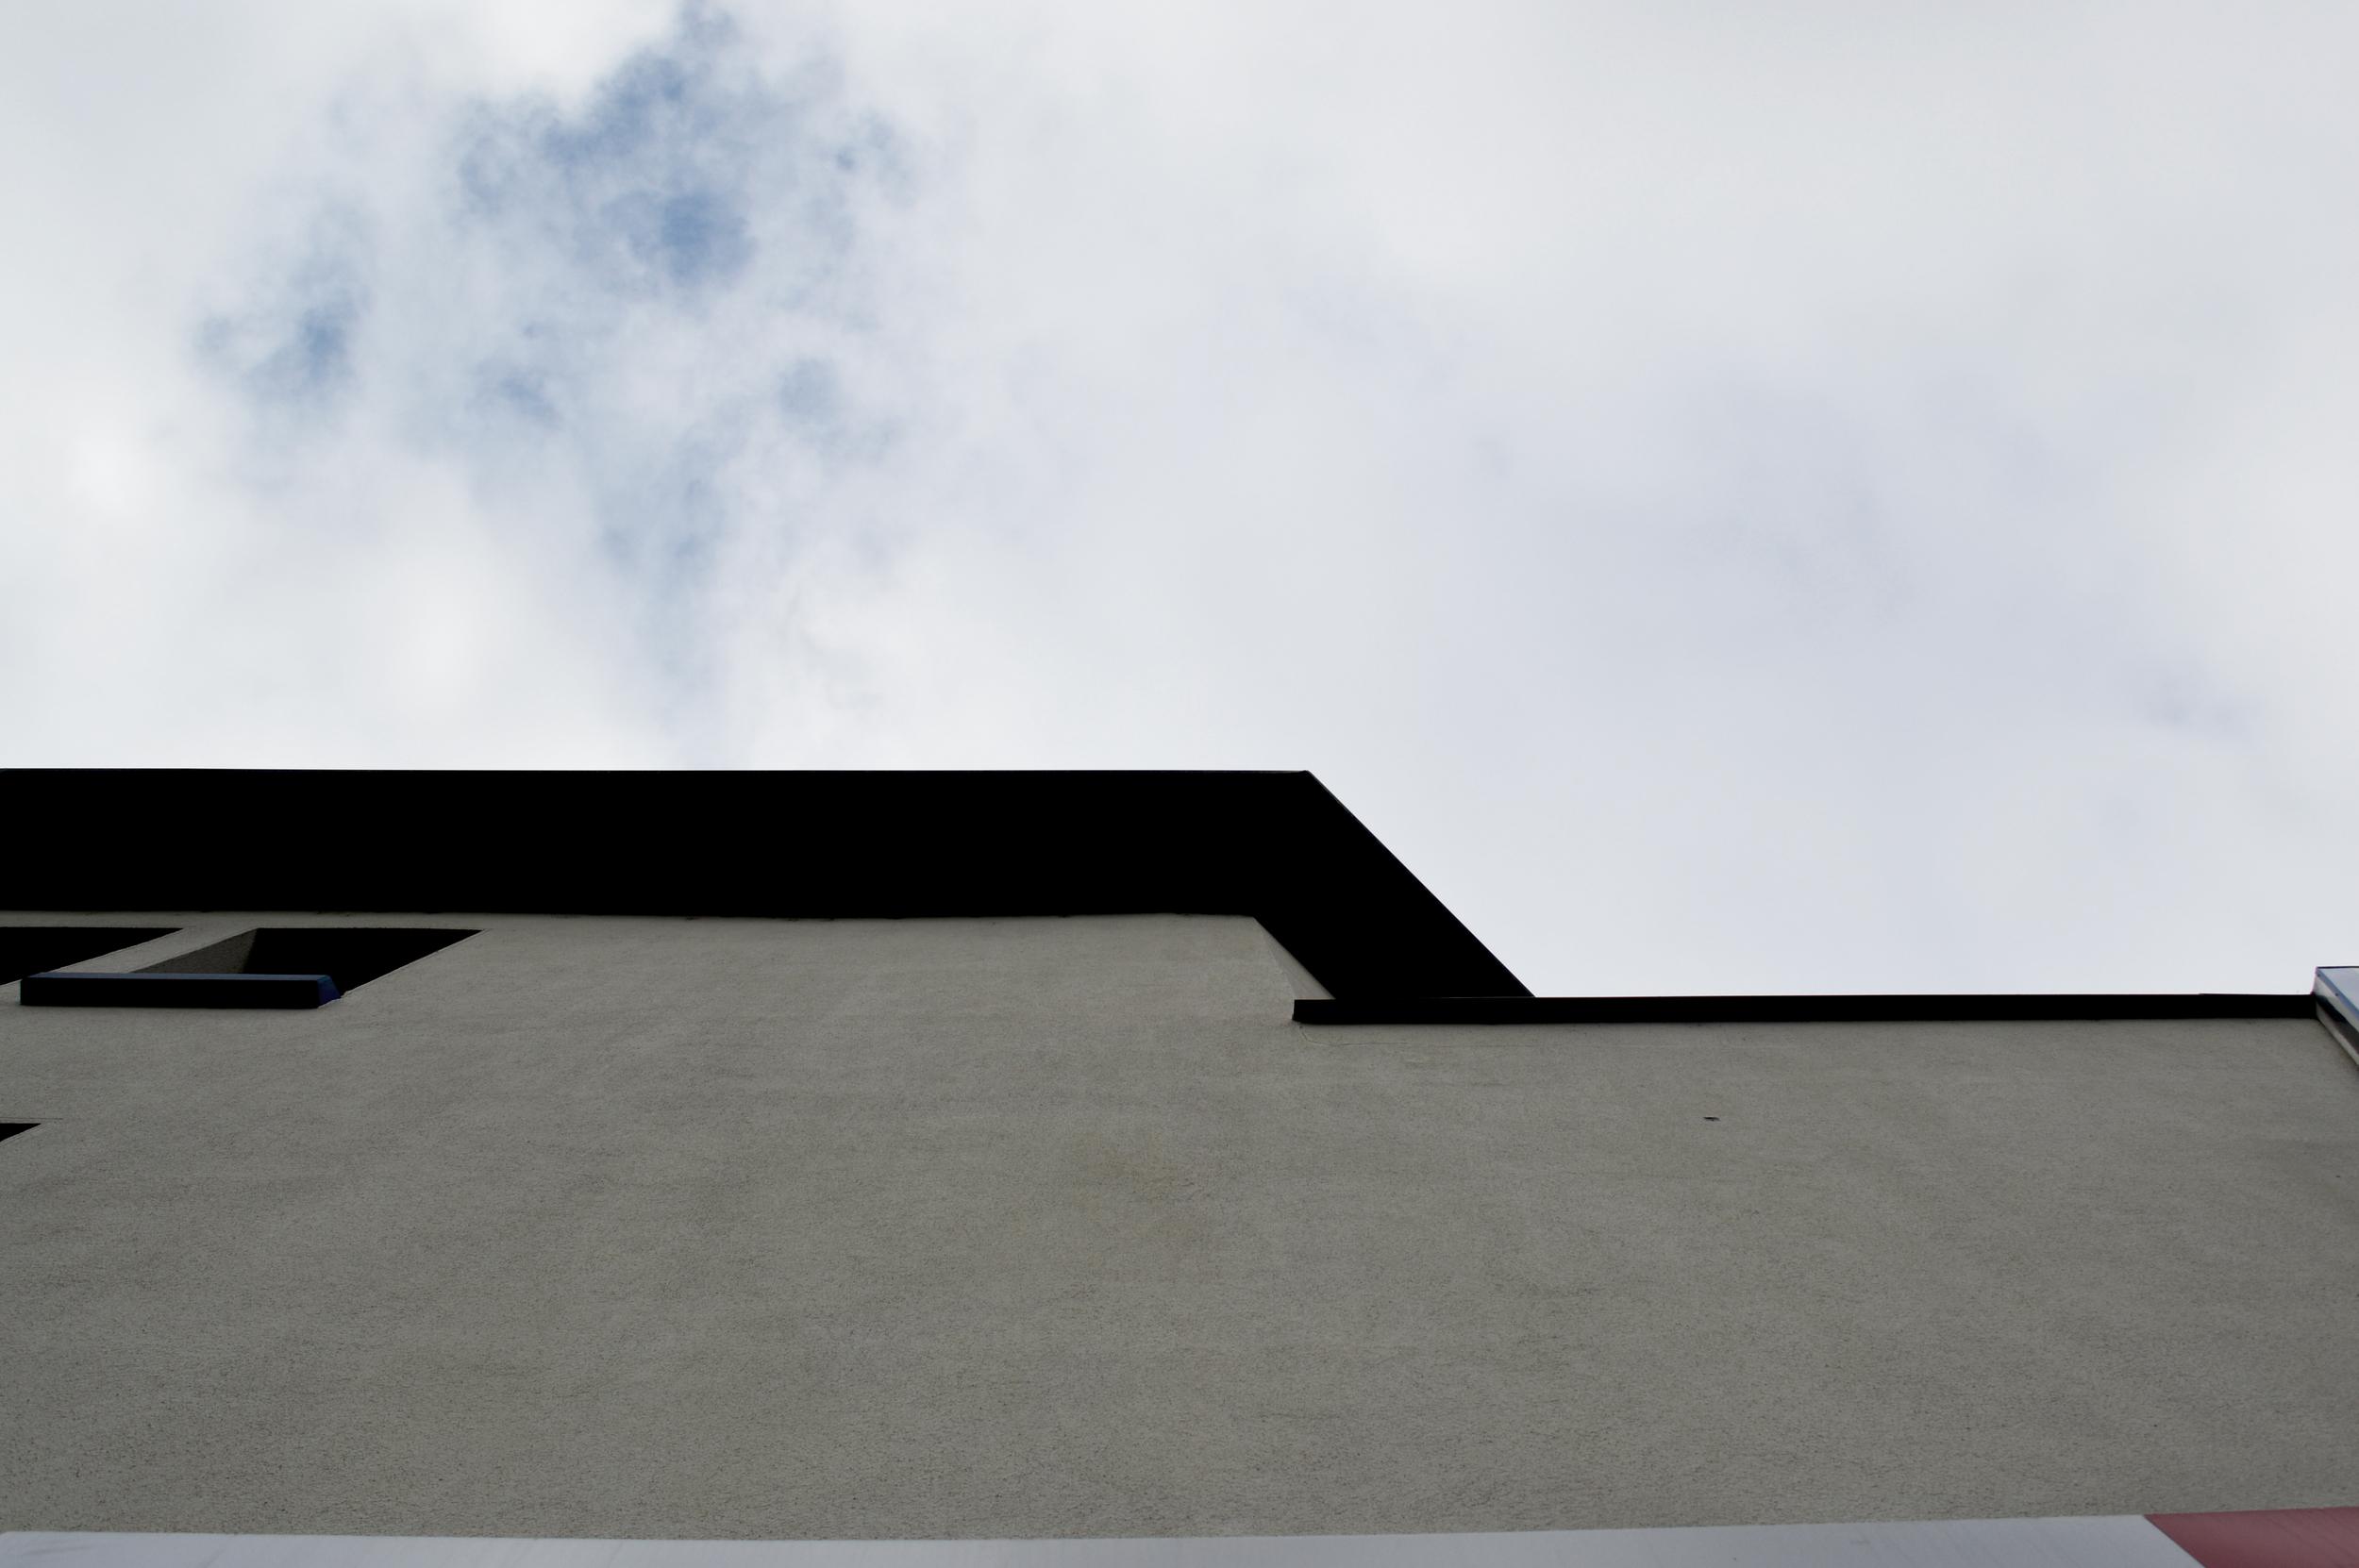 Alvarez_Landscape_2_WeilamRhein (5).JPG